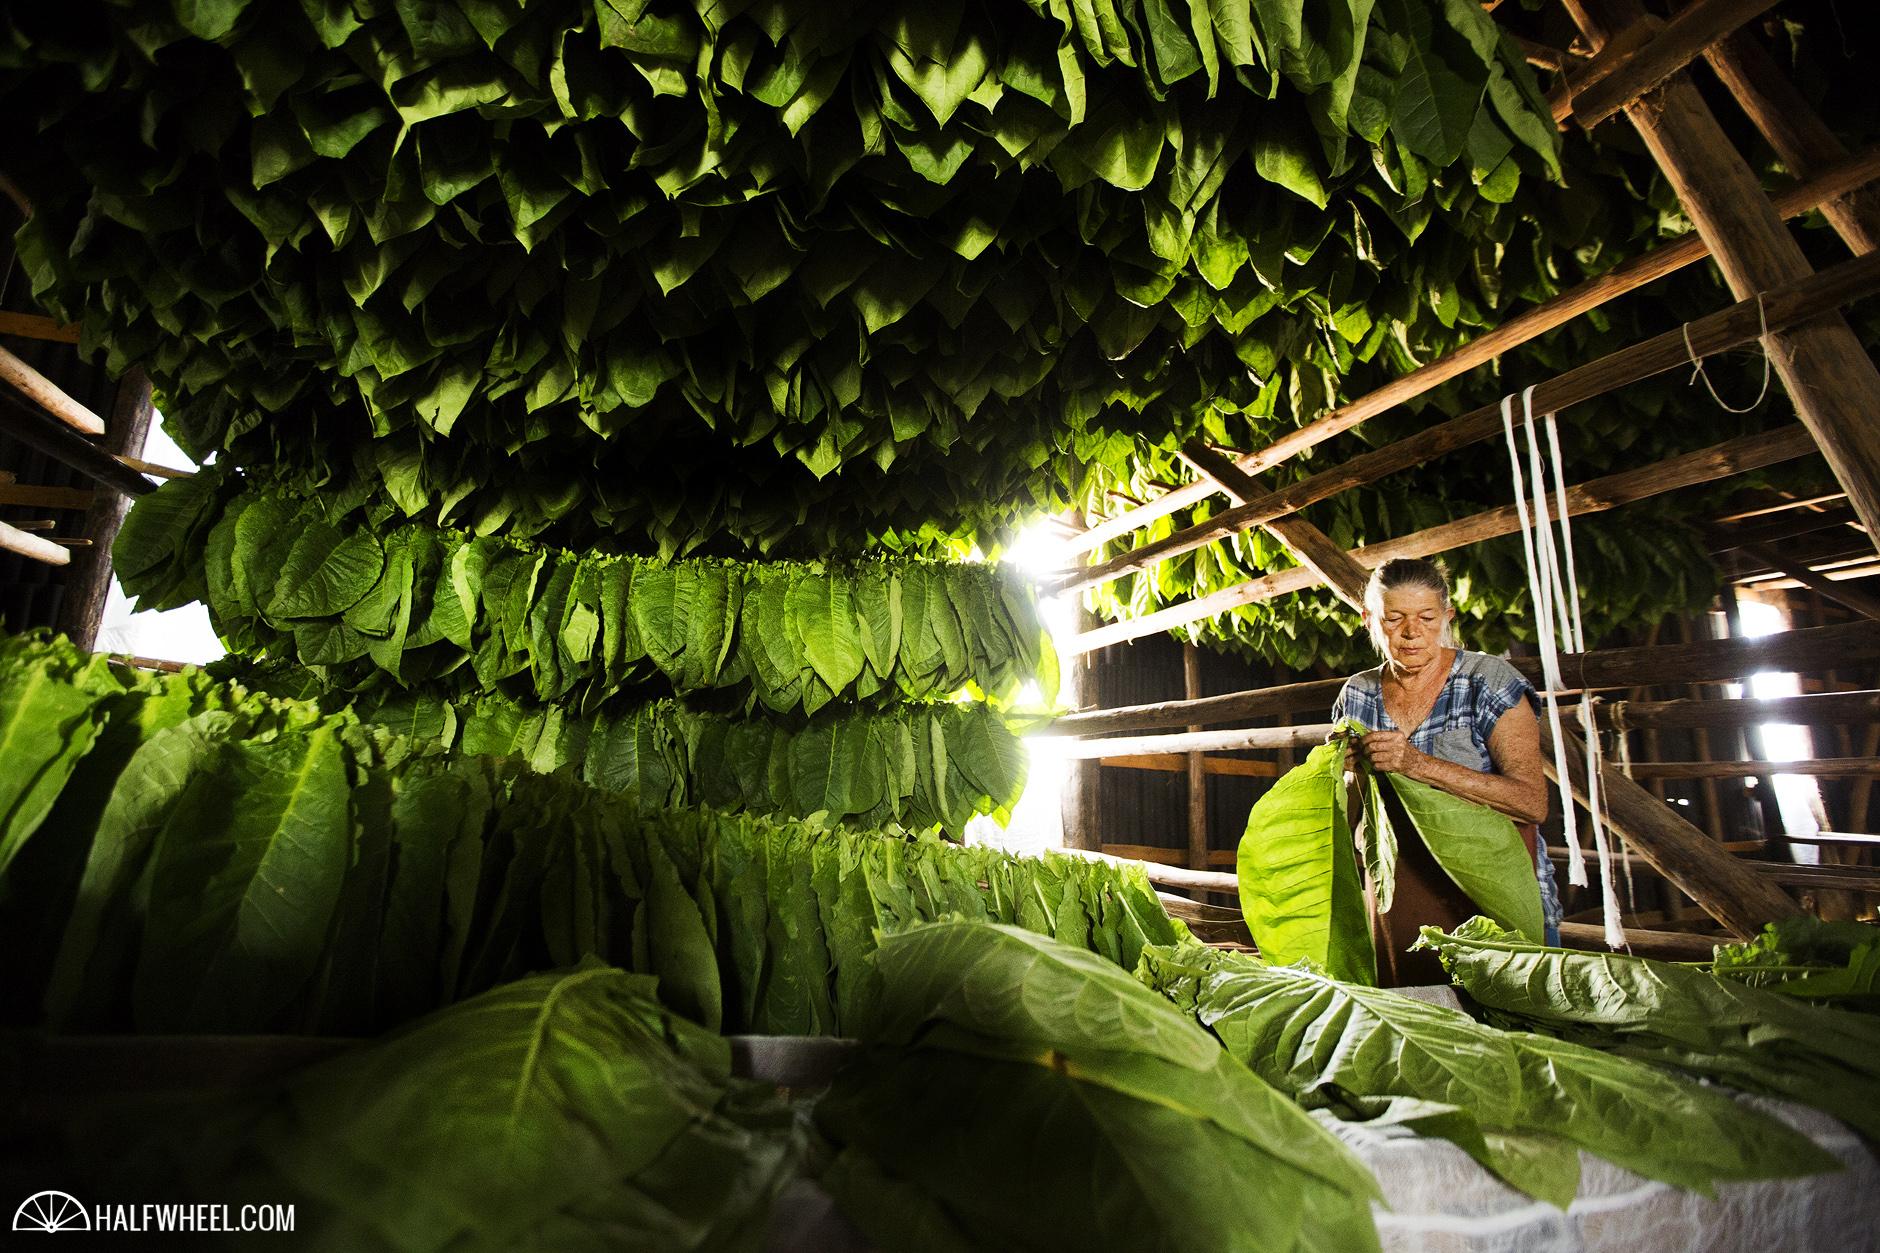 Festival del Habano XIX Day 2 Hector Luis Prieto Farm Worker In Curing Barn